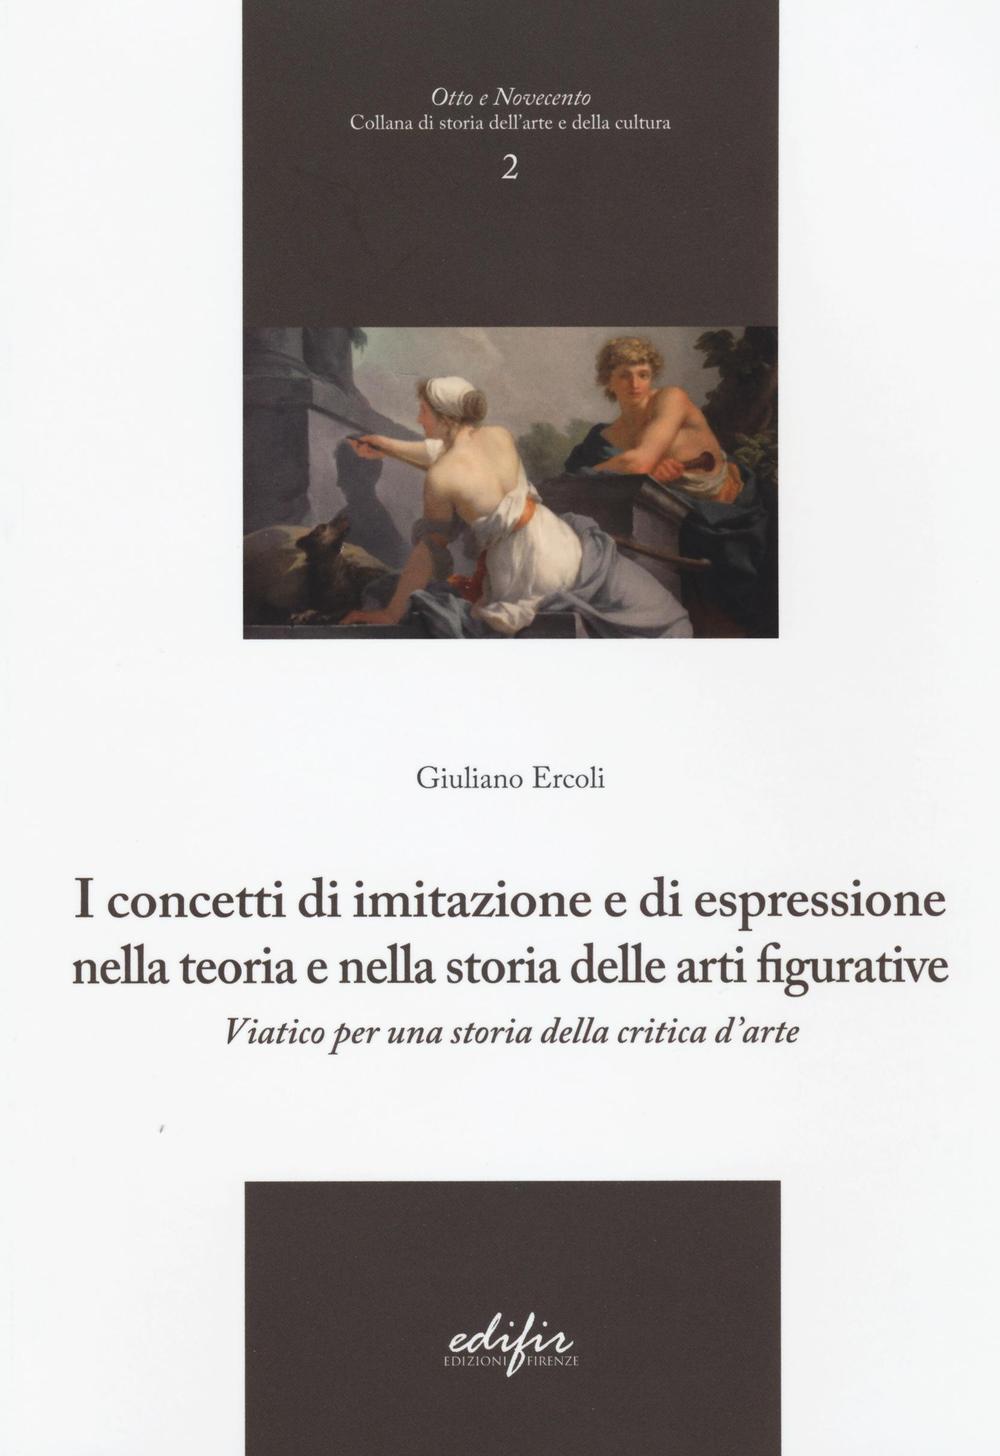 Image of I concetti di imitazione e di espressione nella teoria e nella storia delle arti figurative. Viatico per una storia della critica d'arte